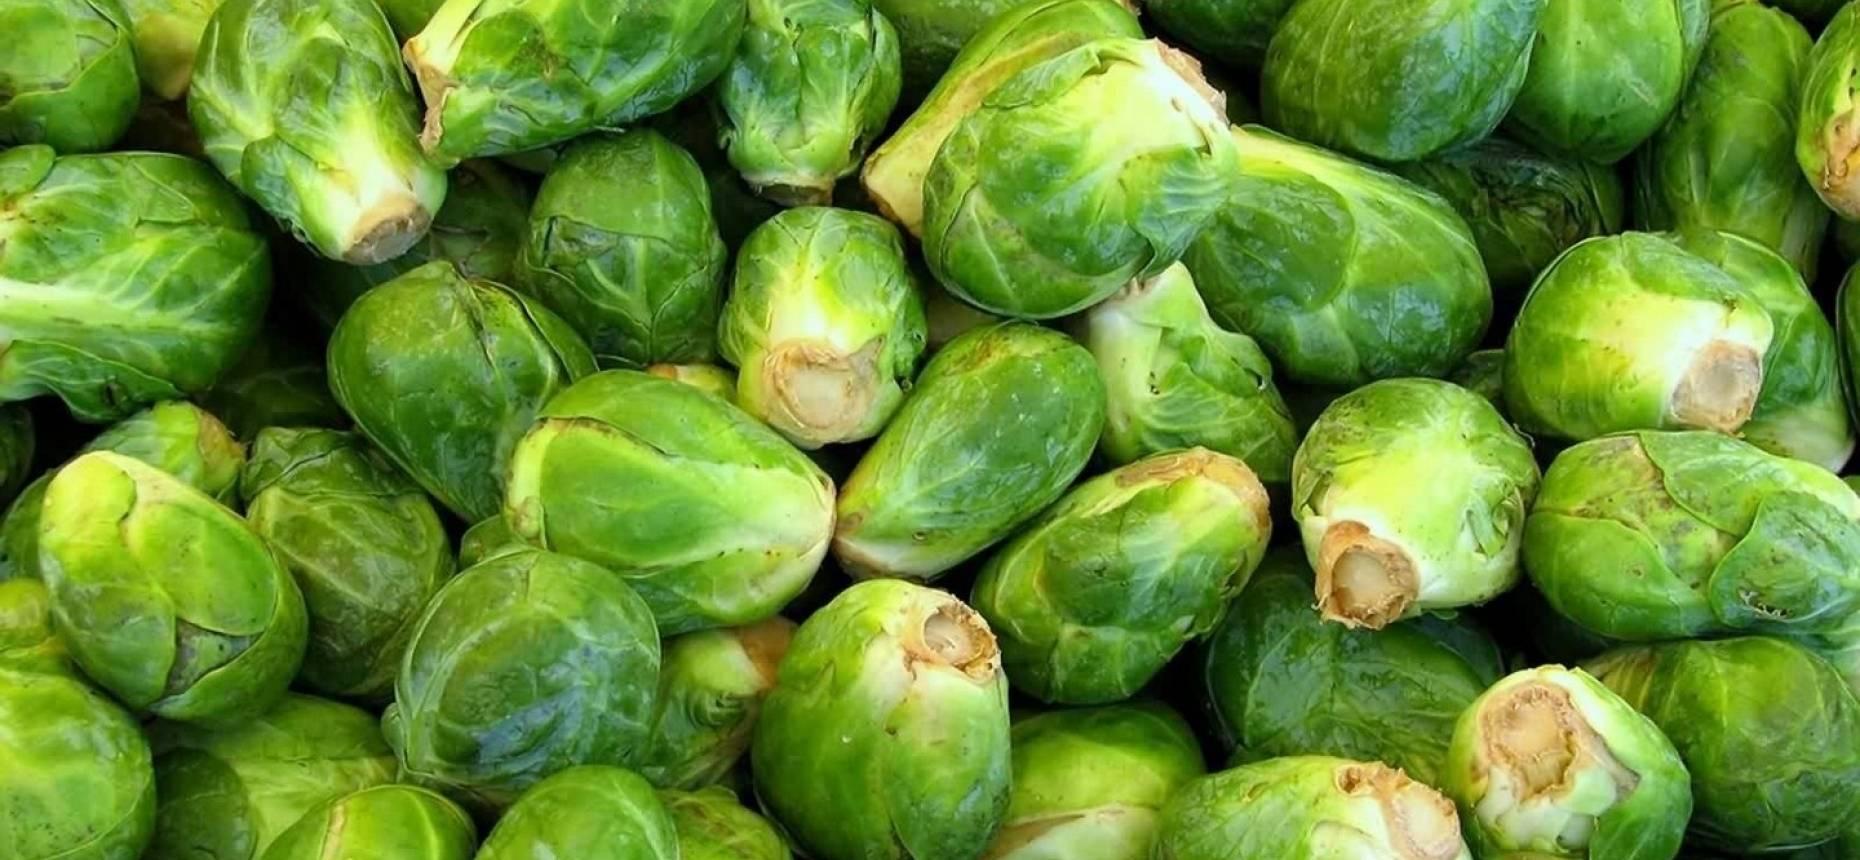 Брюссельская капуста: польза и вред, лечебные свойства для организма человека